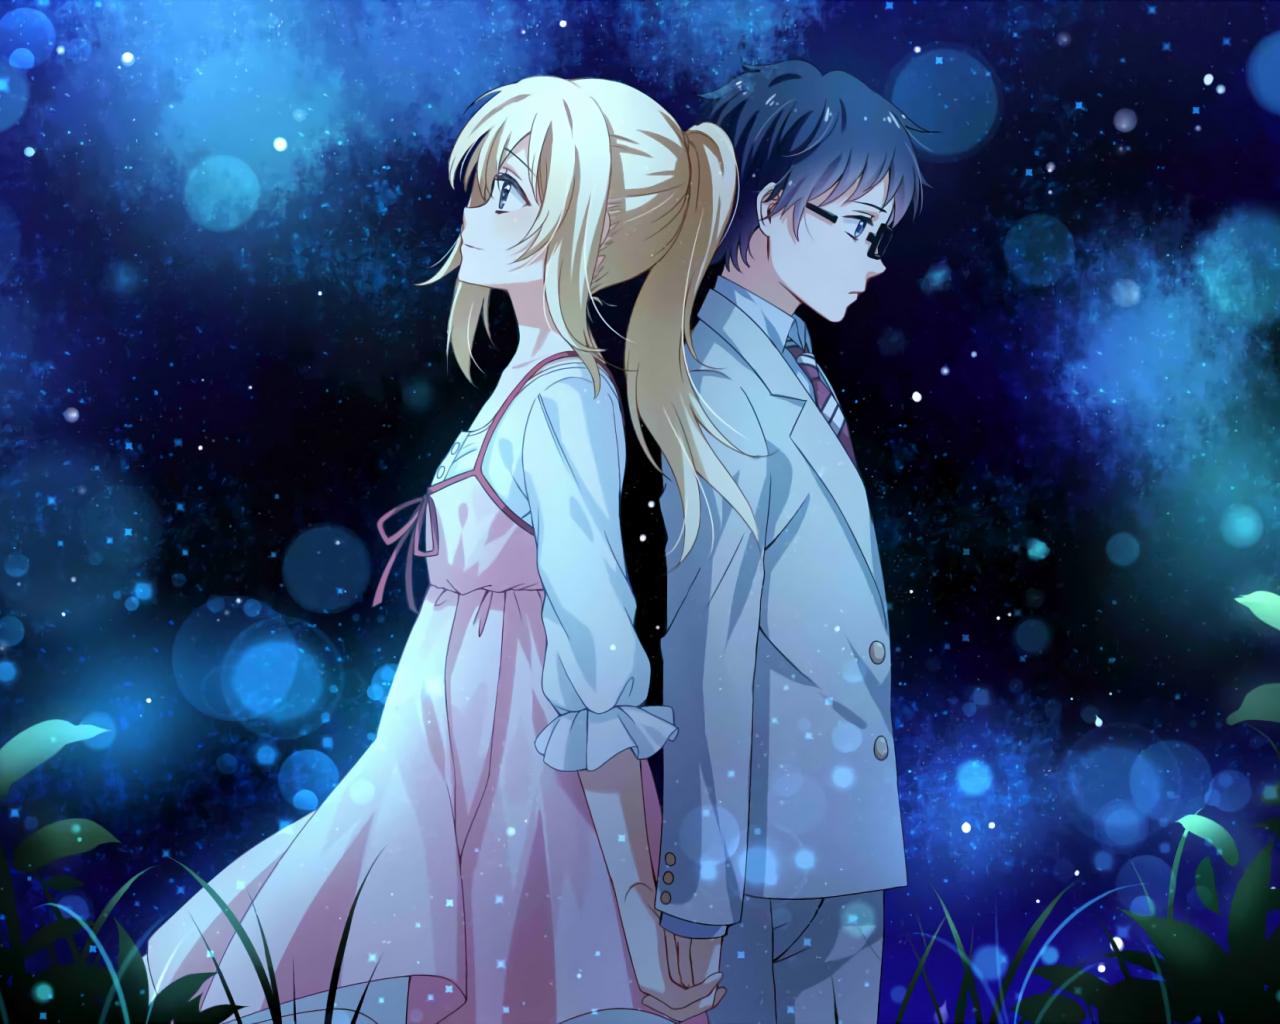 1280x1024 wallpaper Anime couple, Kaori Miyazono, Kousei Arima, Your Lie in April